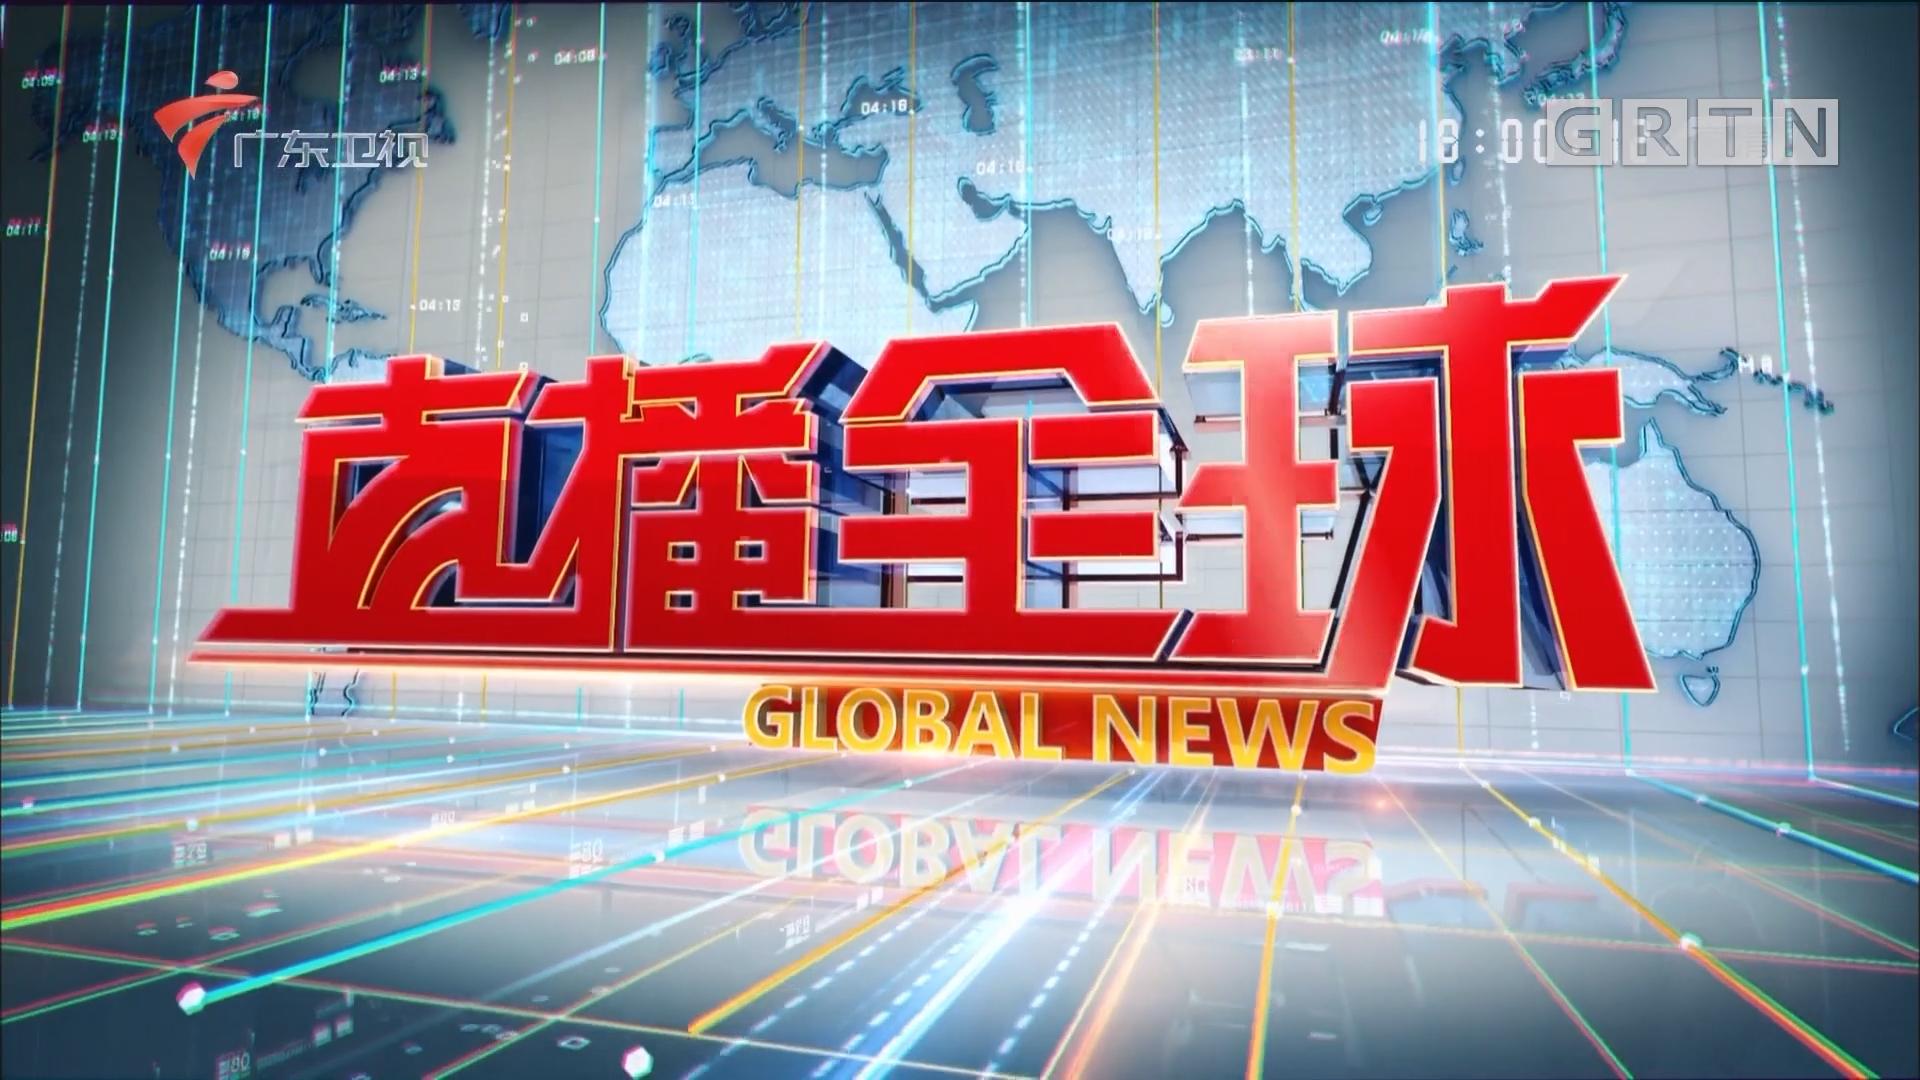 """[HD][2017-05-31]直播全球:肯尼亚首条铁路""""中国造"""" 新路开通 出行提速 安全实惠"""